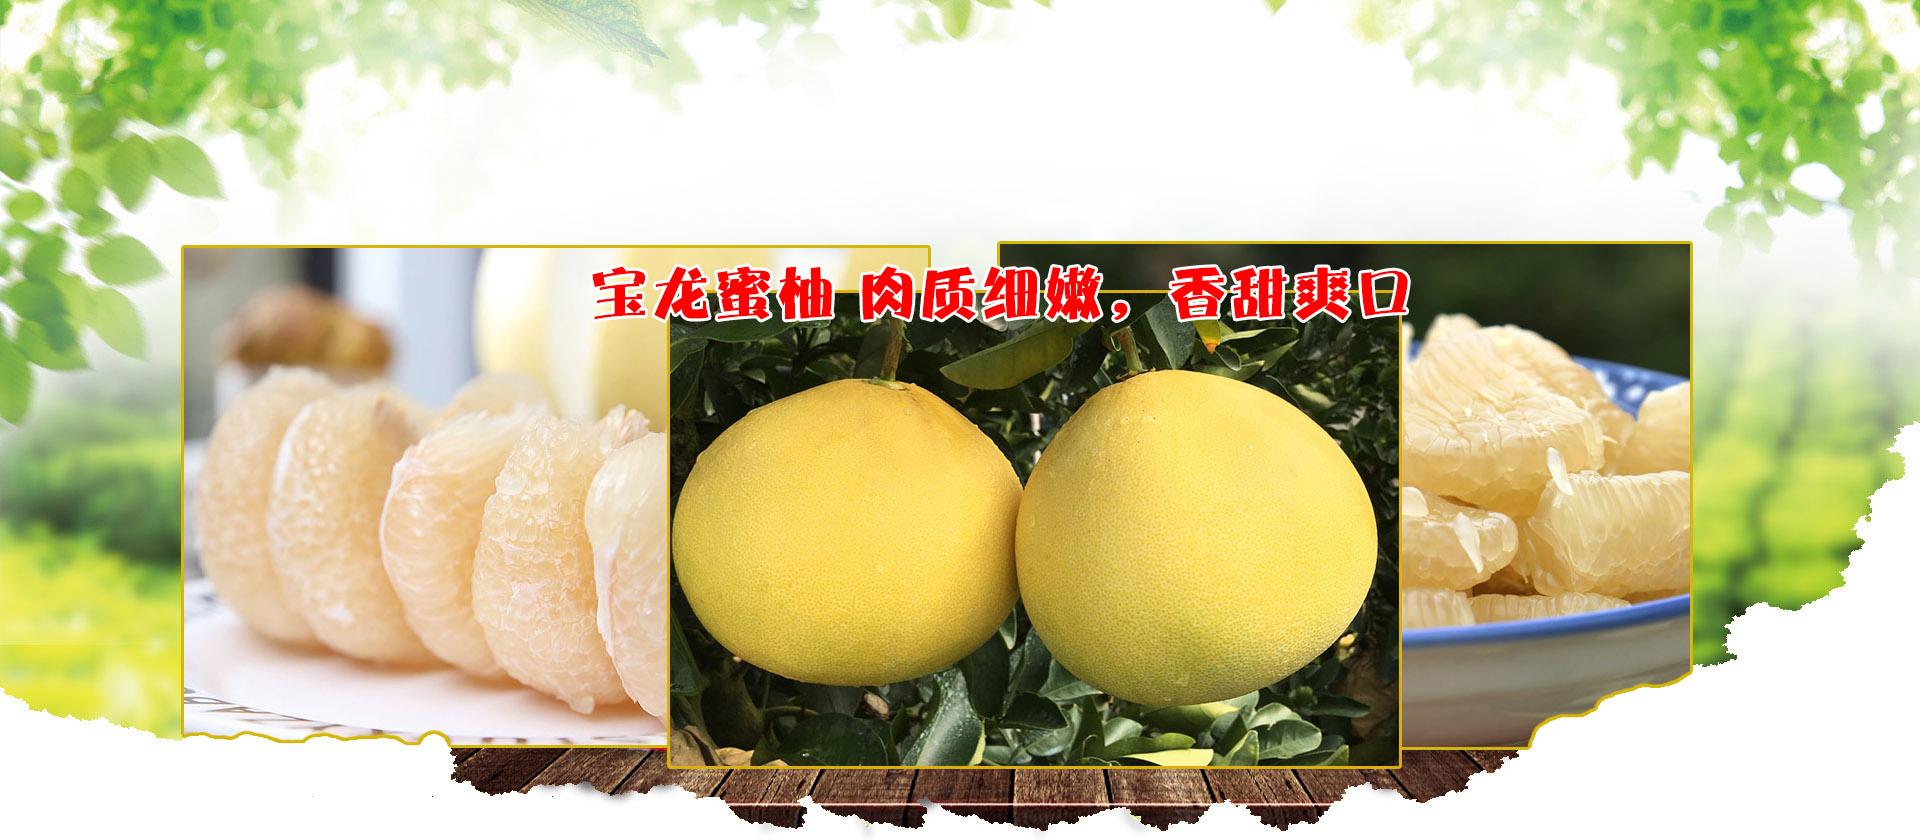 重庆柚子苗